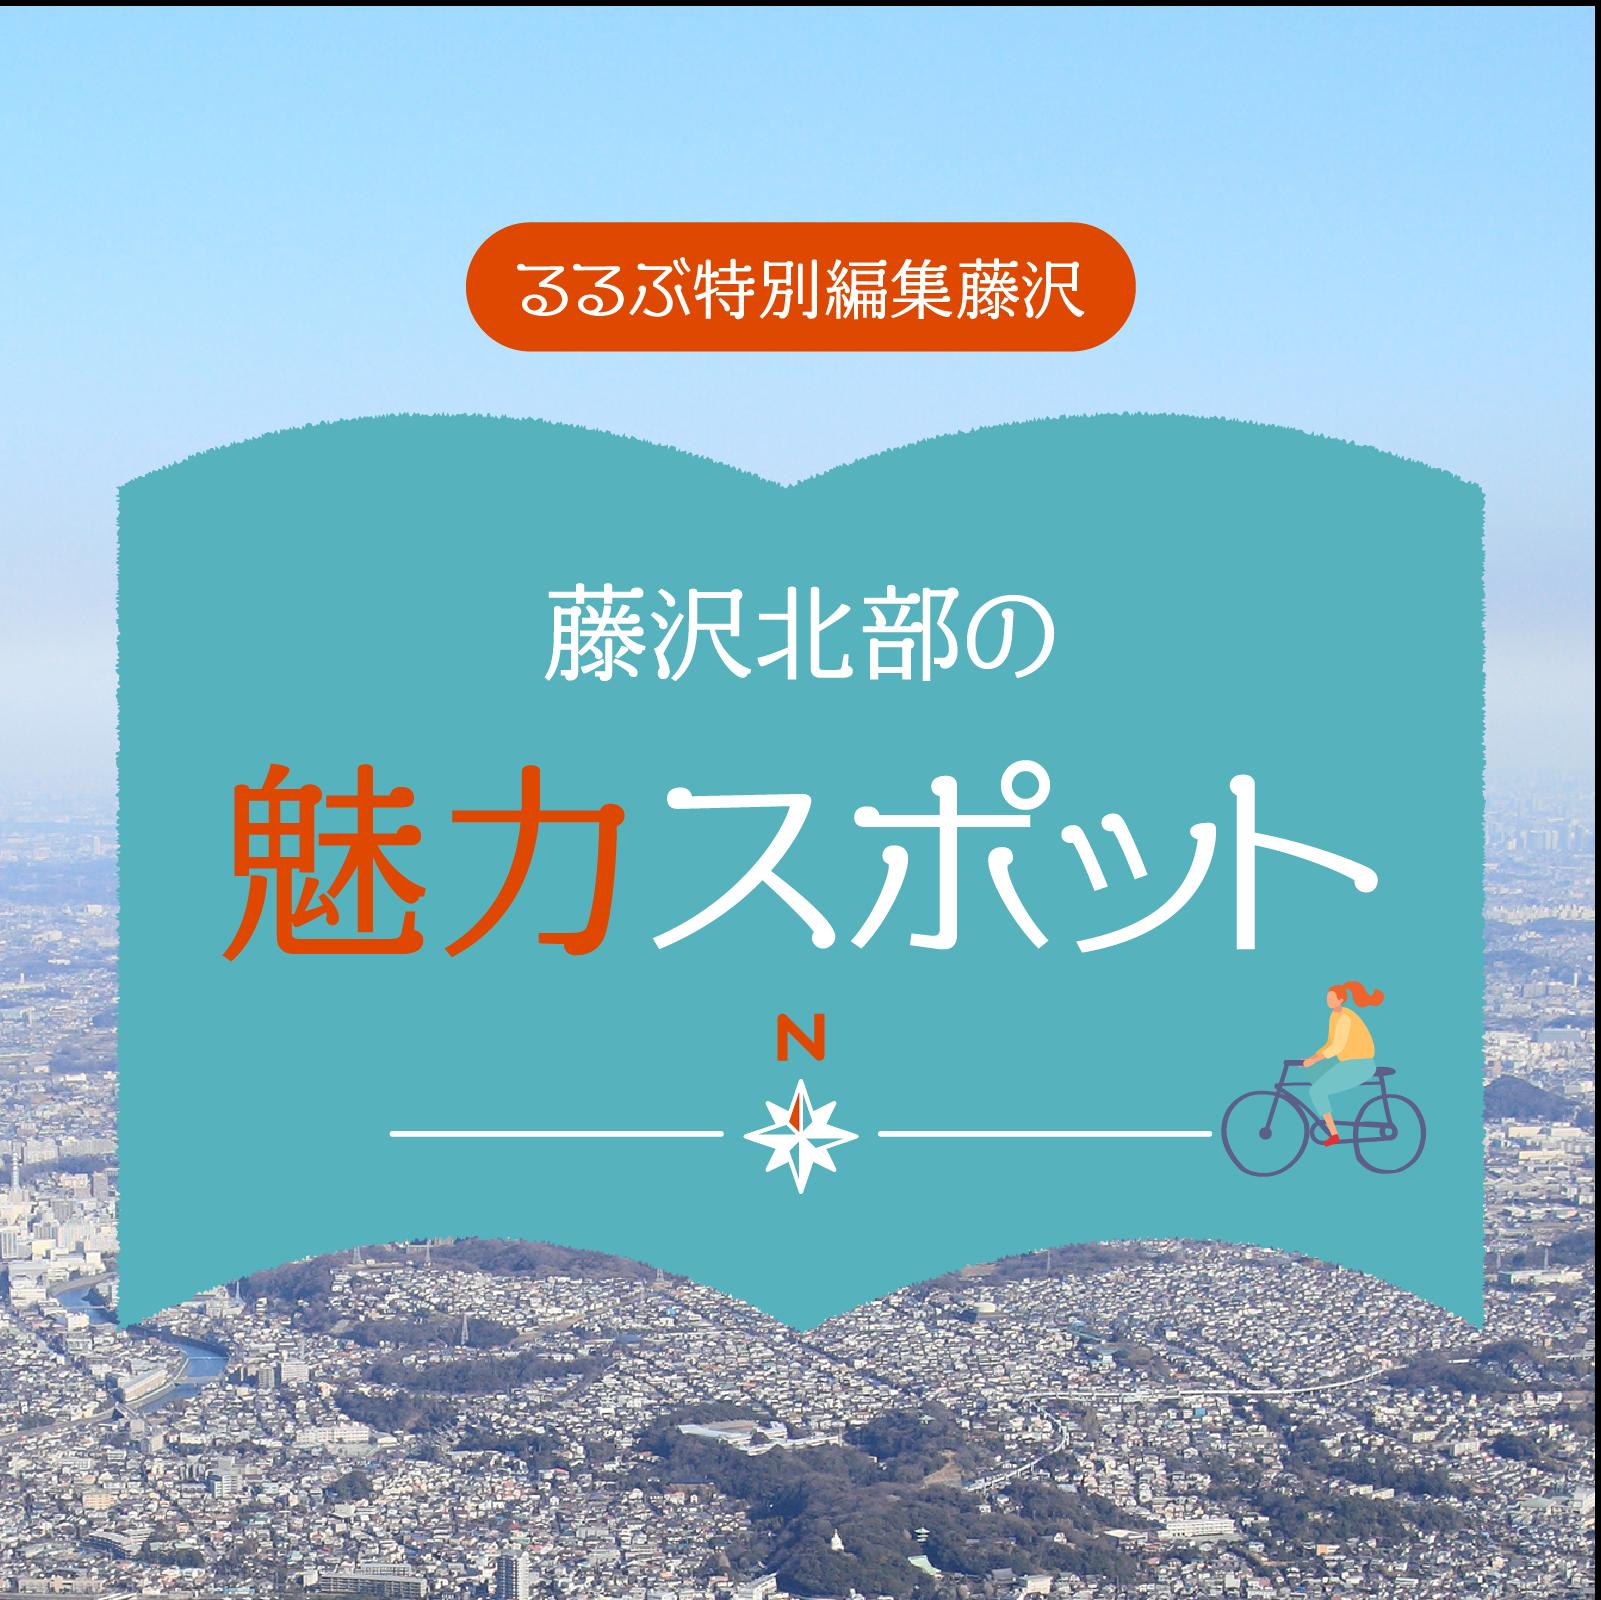 るるぶ特集ページ<br>(藤沢北部)